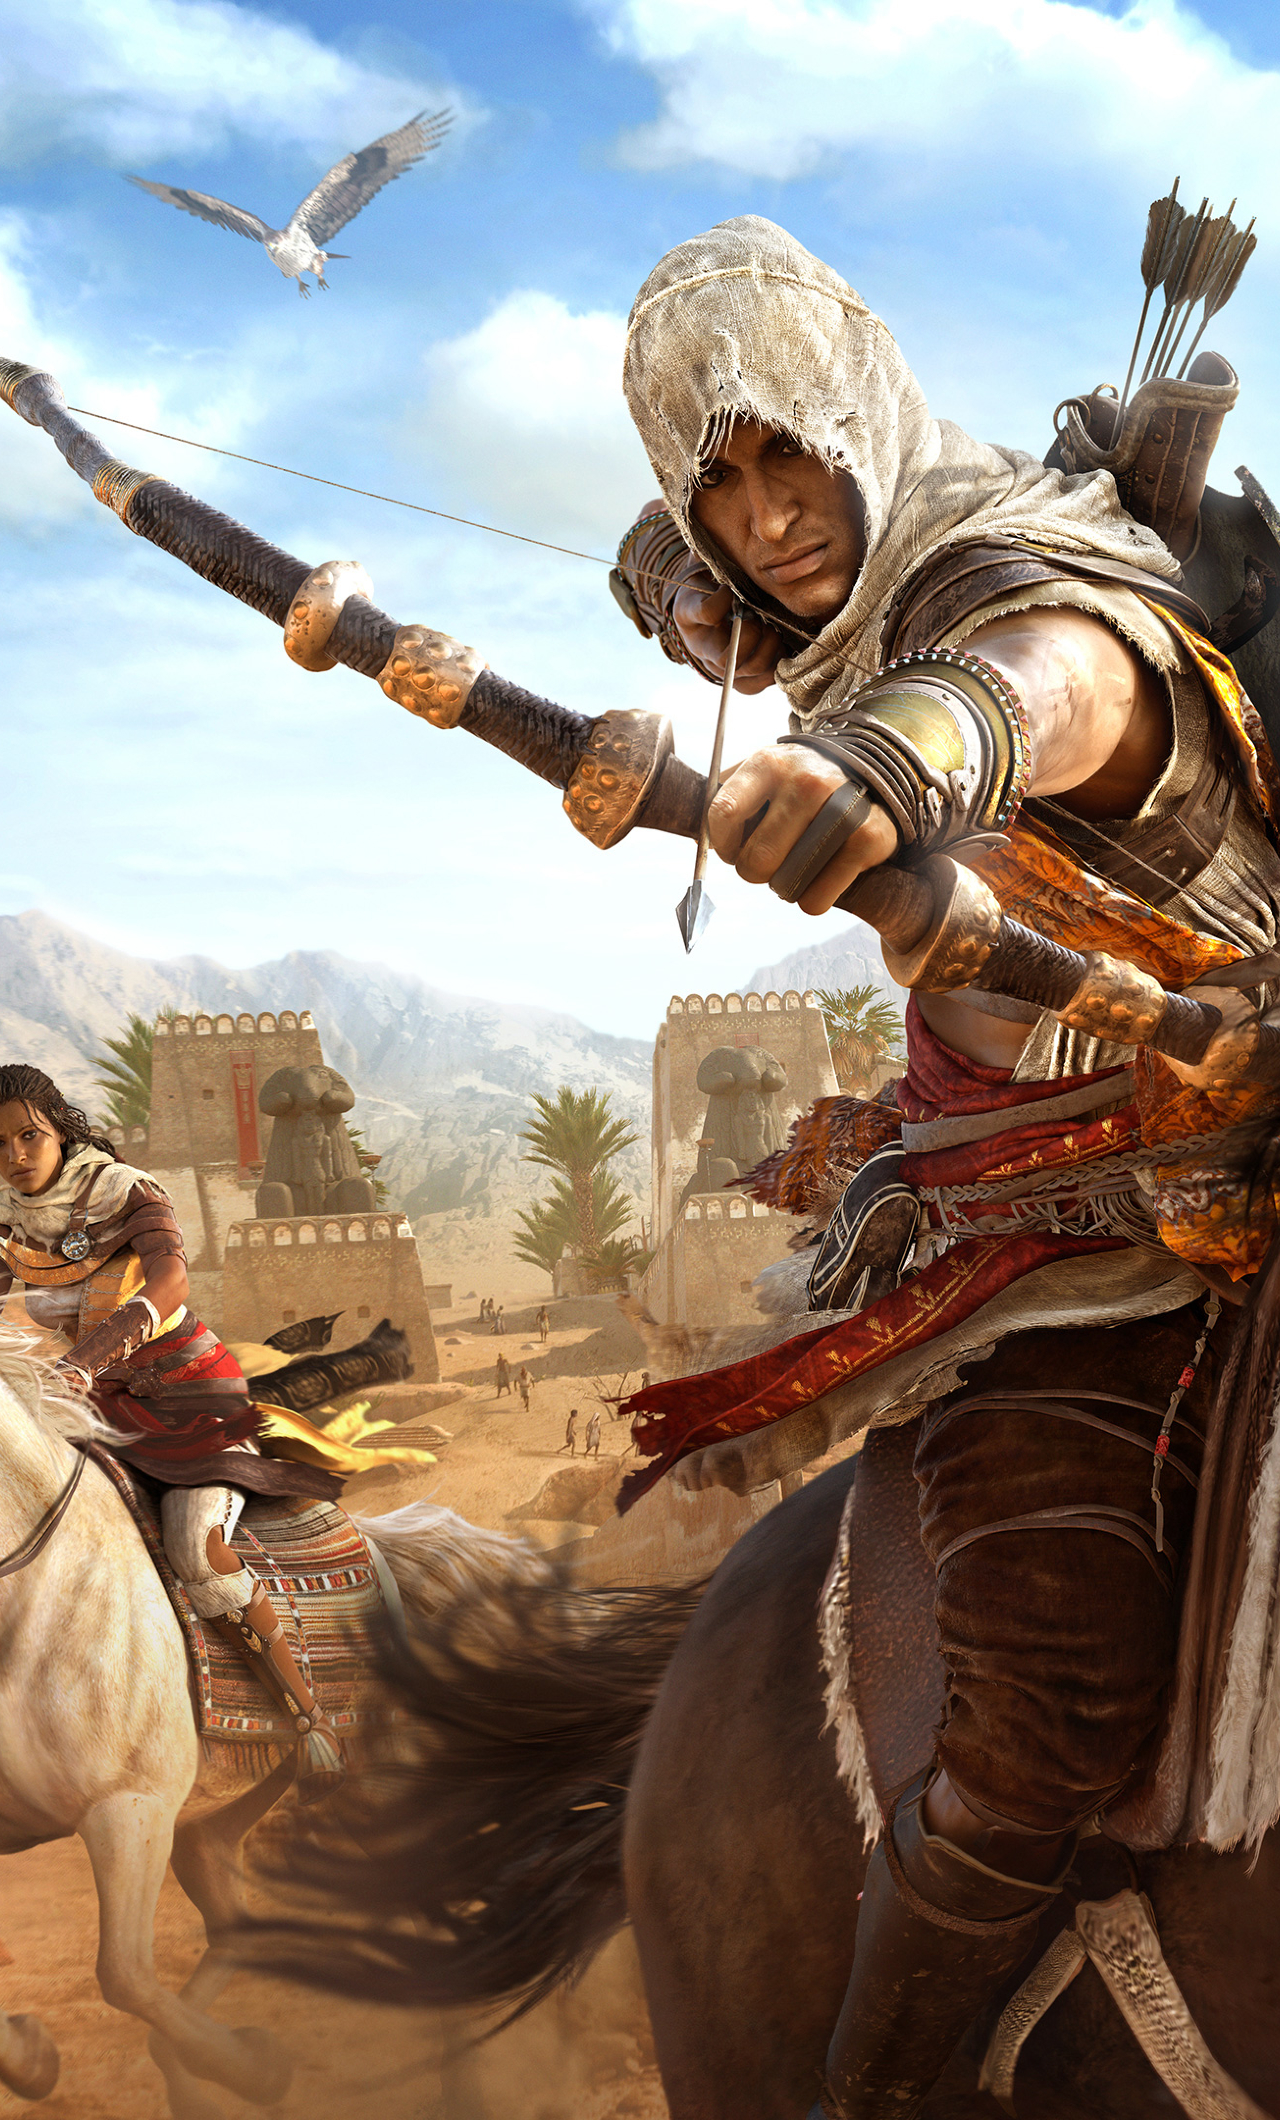 Assassin S Creed Bayek And Aya 2577357 Hd Wallpaper